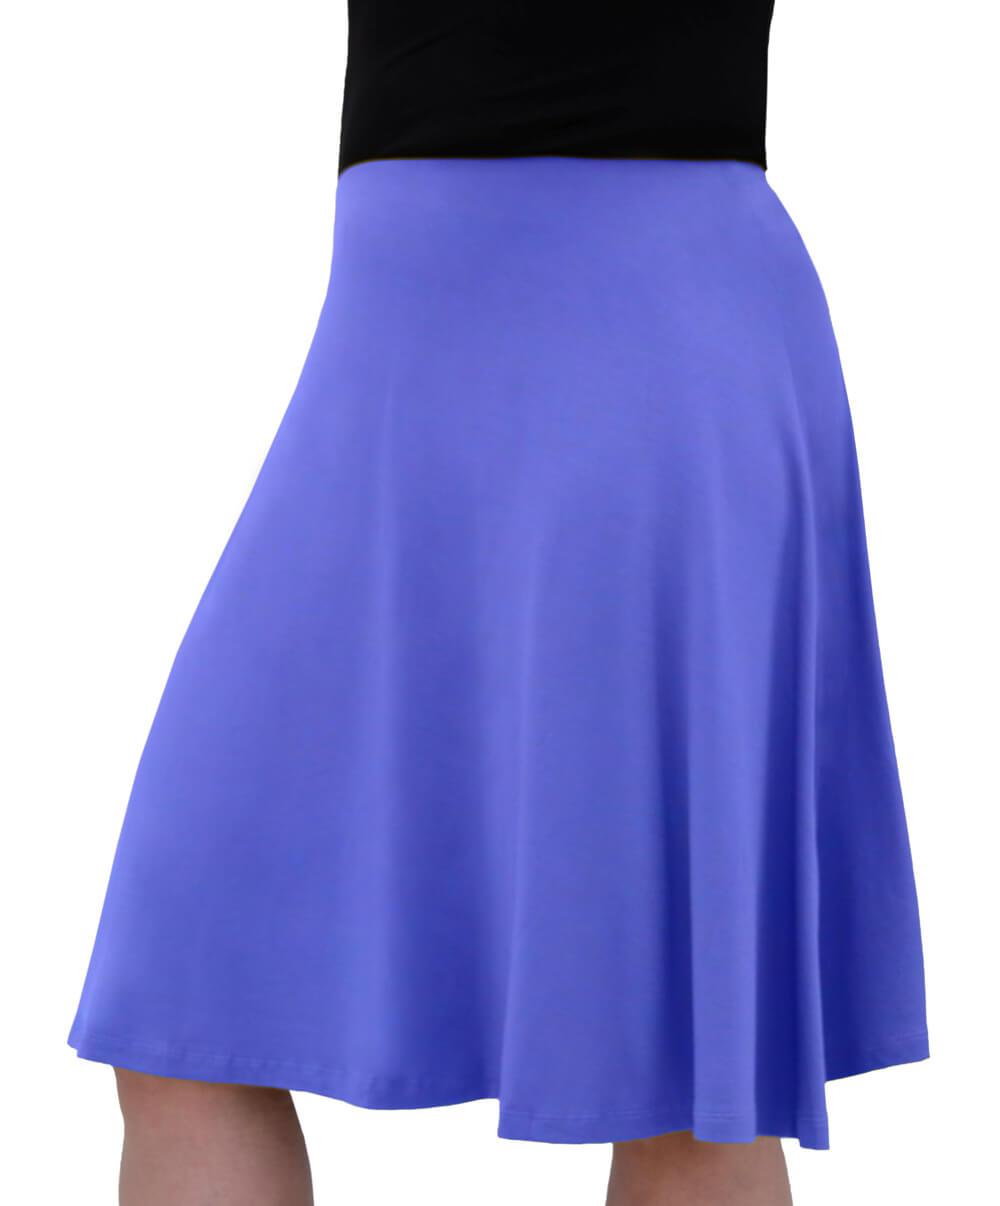 e9b6a45551 1400. Knee Length Skater Skirt for Girls